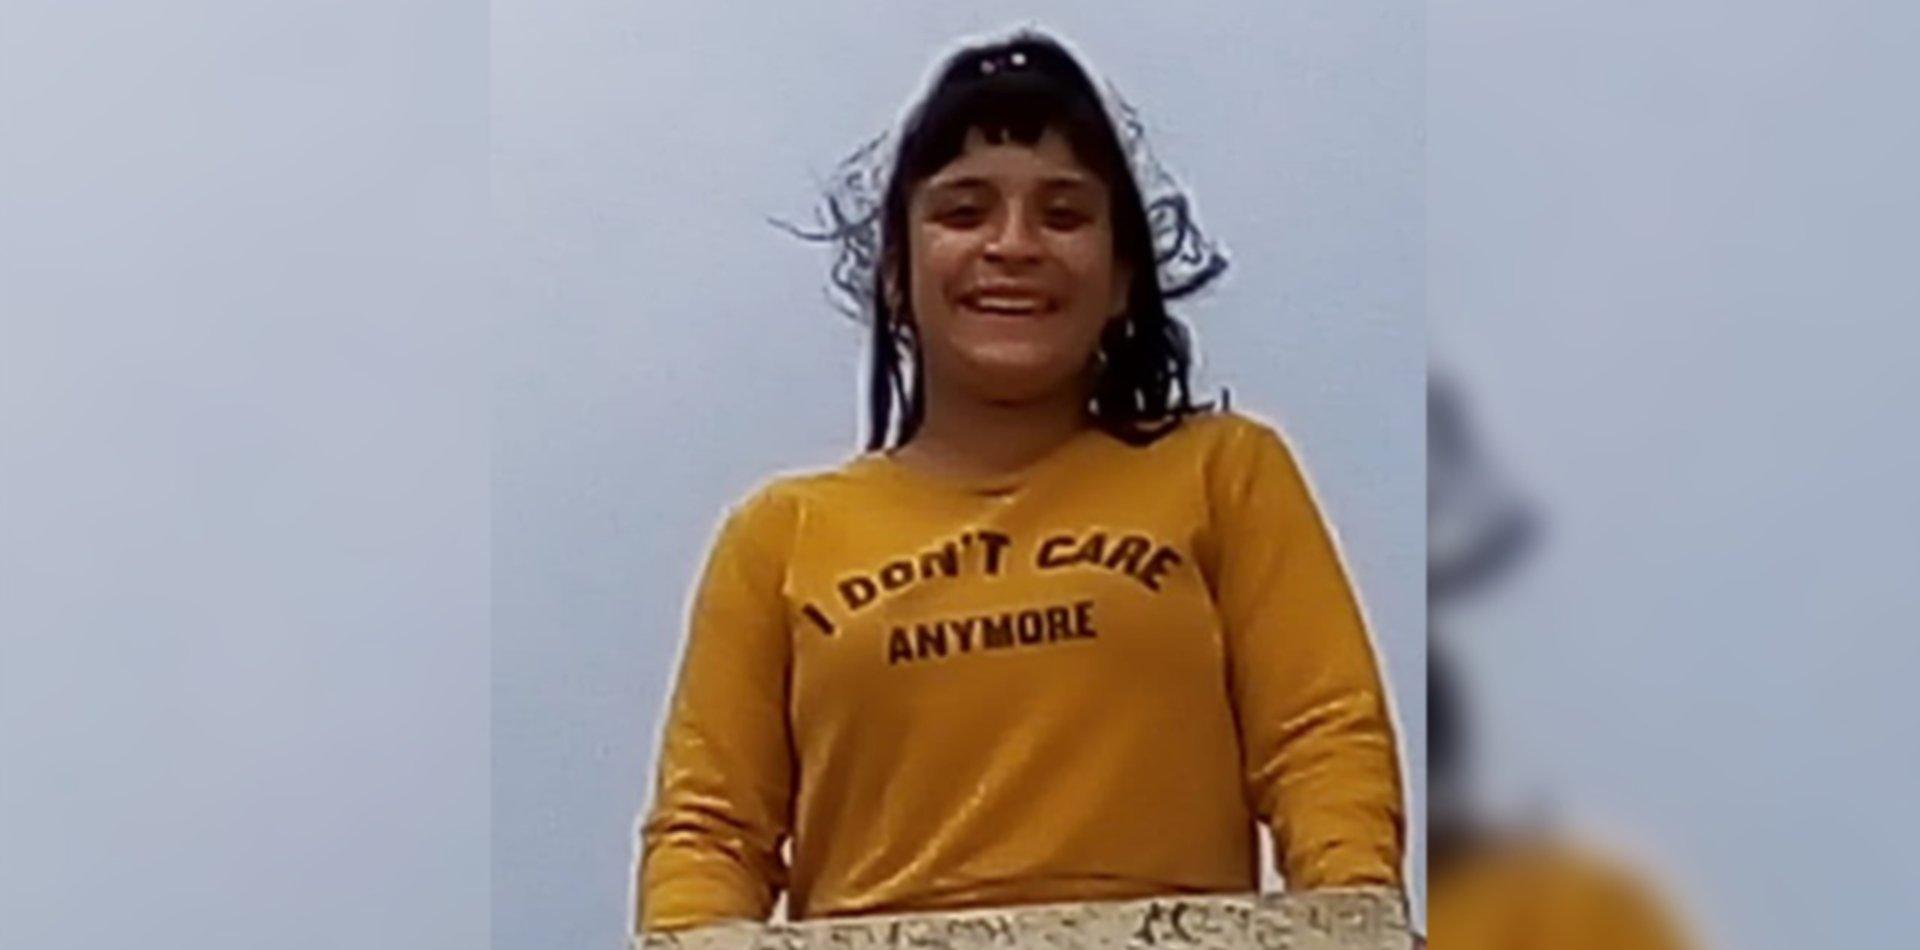 Encontraron a la joven de 18 años que buscaban en La Plata